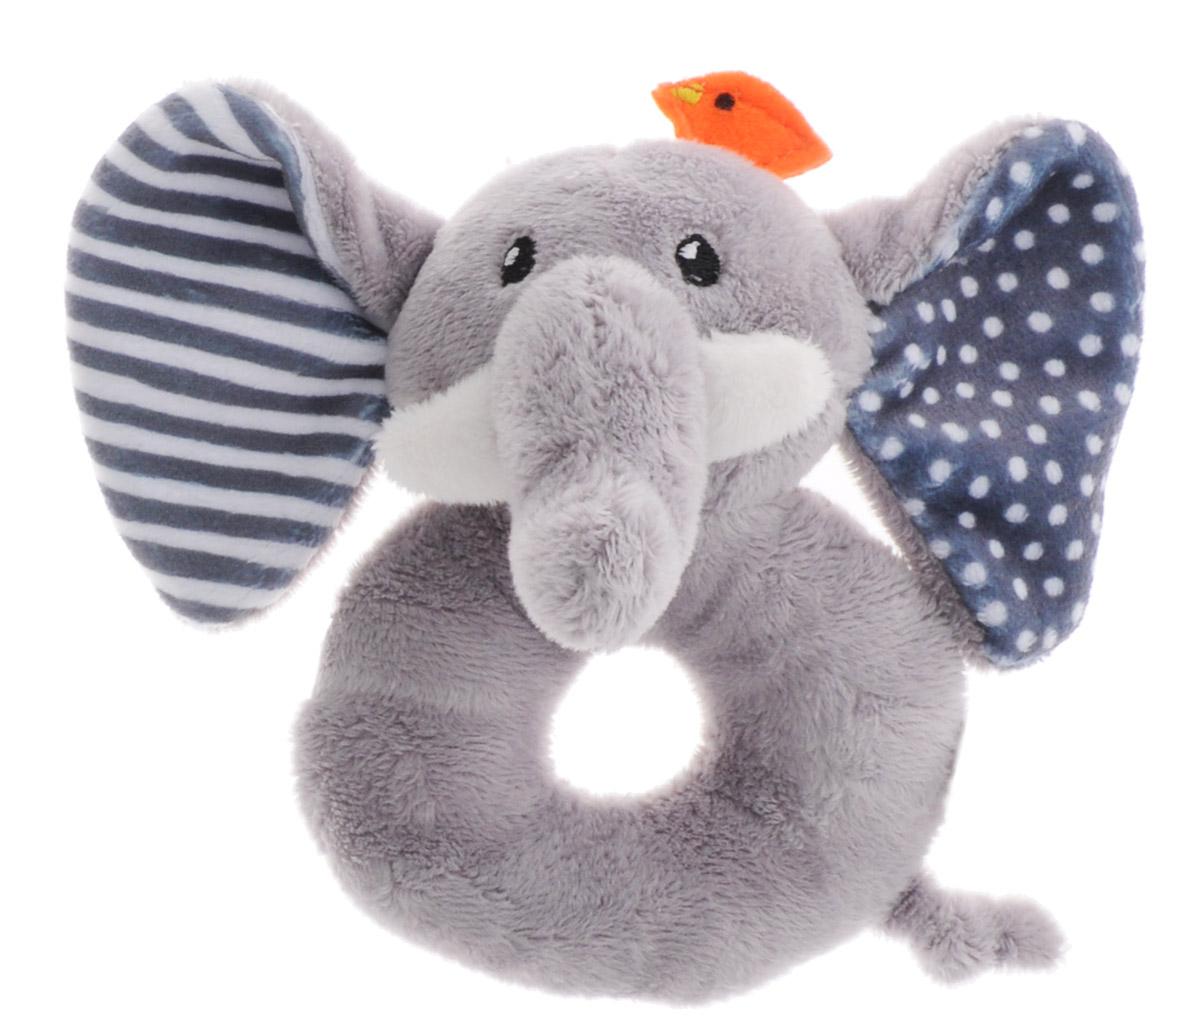 Zoocchini Погремушка Слон00527Мягкая погремушка Zoocchini Слон привлечет внимание вашего малыша и не позволит ему скучать. Игрушка выполнена в виде слоника. В игрушку встроена сфера, гремящая при тряске. Игра с погремушкой поможет малышу развить слуховое и цветовое восприятия, мелкую моторику рук и концентрацию внимания, стимулирует взаимодействие между органами осязания, слухом и зрением, учит различать формы и цвета.